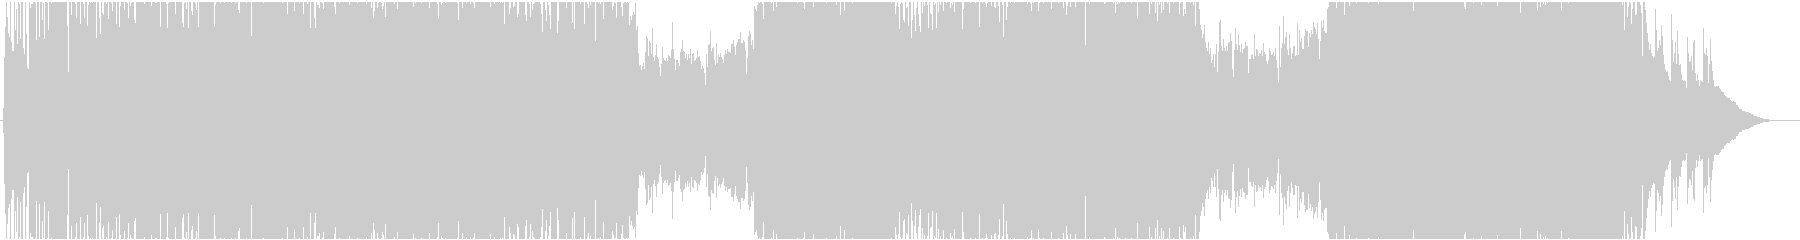 生演奏。4つ打ち系アコギロックの未再生の波形